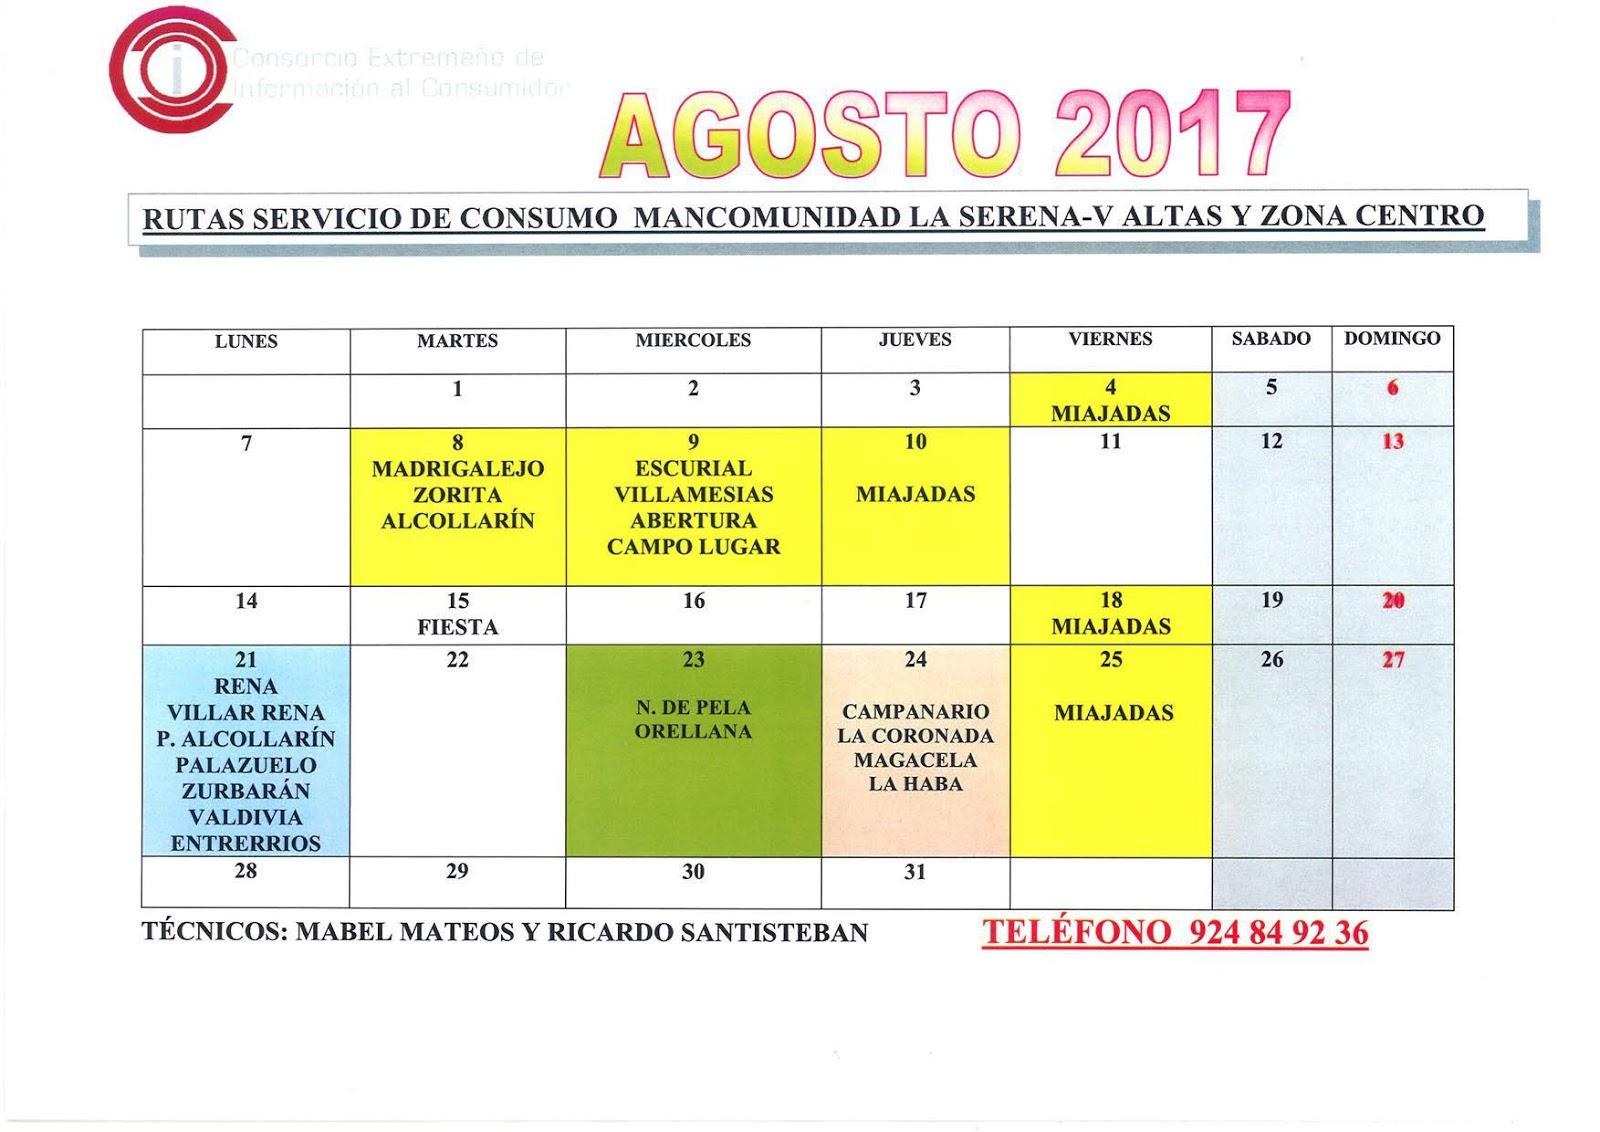 Horario de la oficina de consumo de la mancomunidad zona centro para agosto rtv miajadas - Oficinas de consumo ...